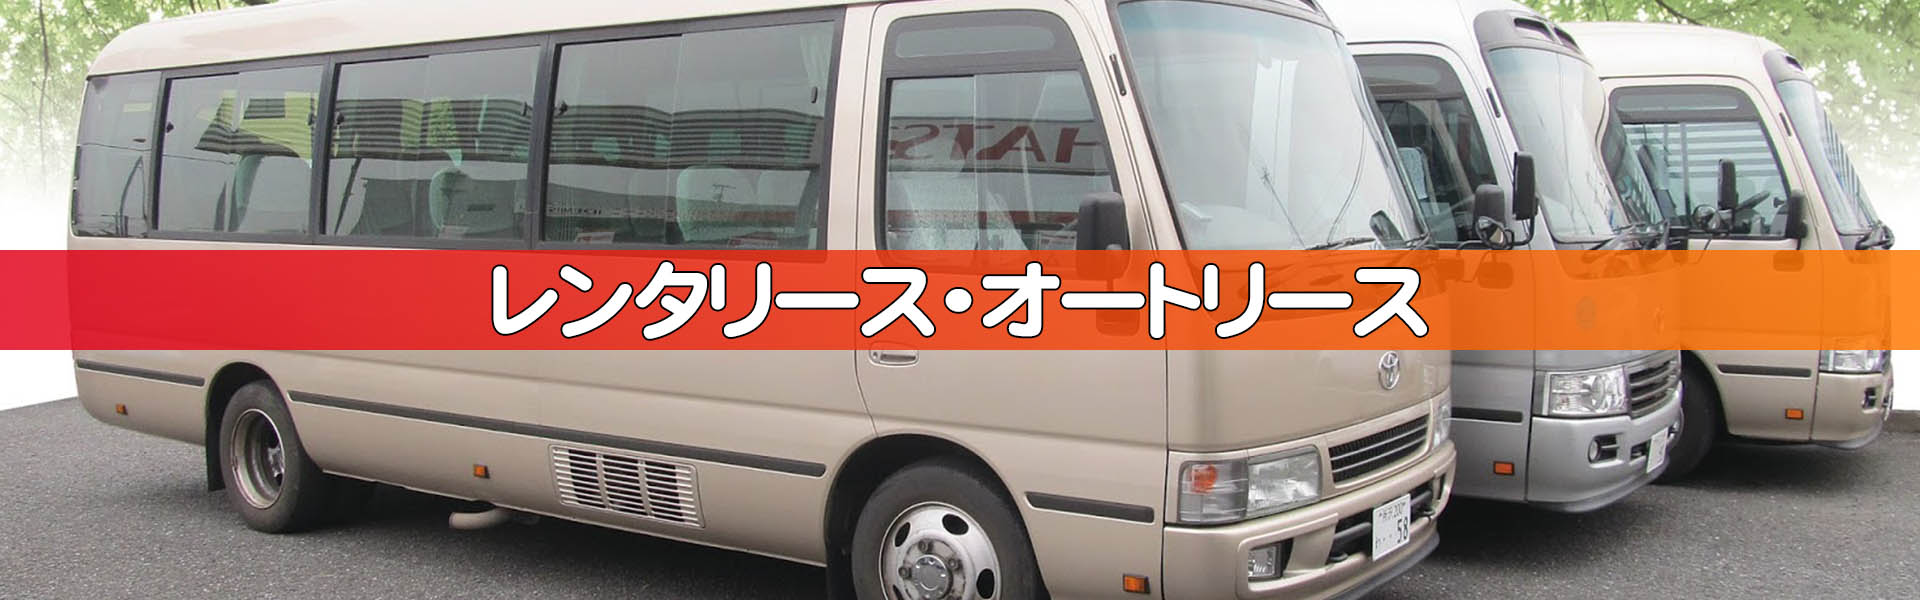 マイクロバス、ワゴン車を借りるなら埼玉県狭山市の粕谷自動車のレンタリース、オートリース